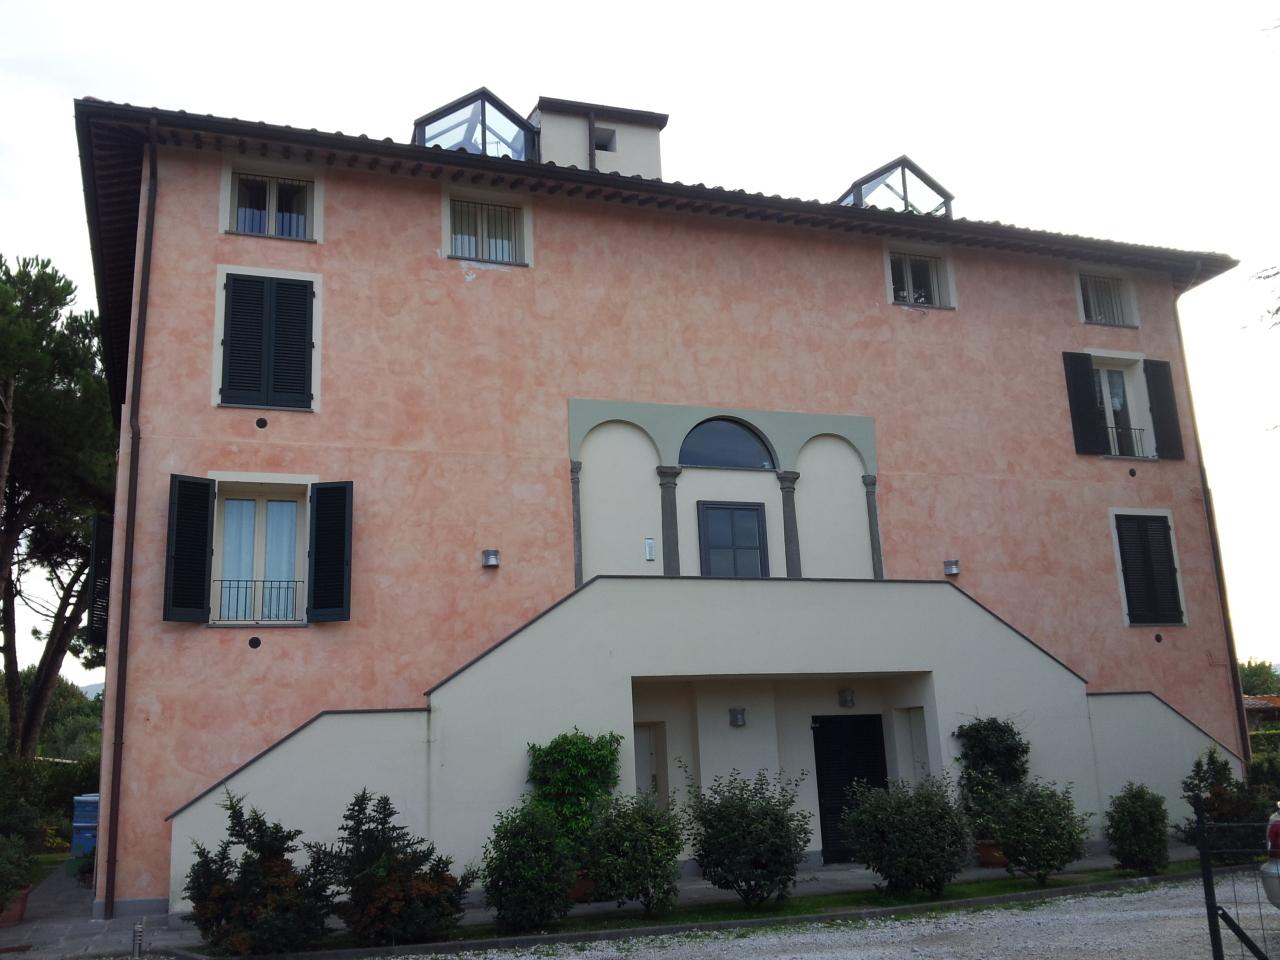 Attico / Mansarda in vendita a Lucca, 3 locali, prezzo € 200.000 | Cambio Casa.it